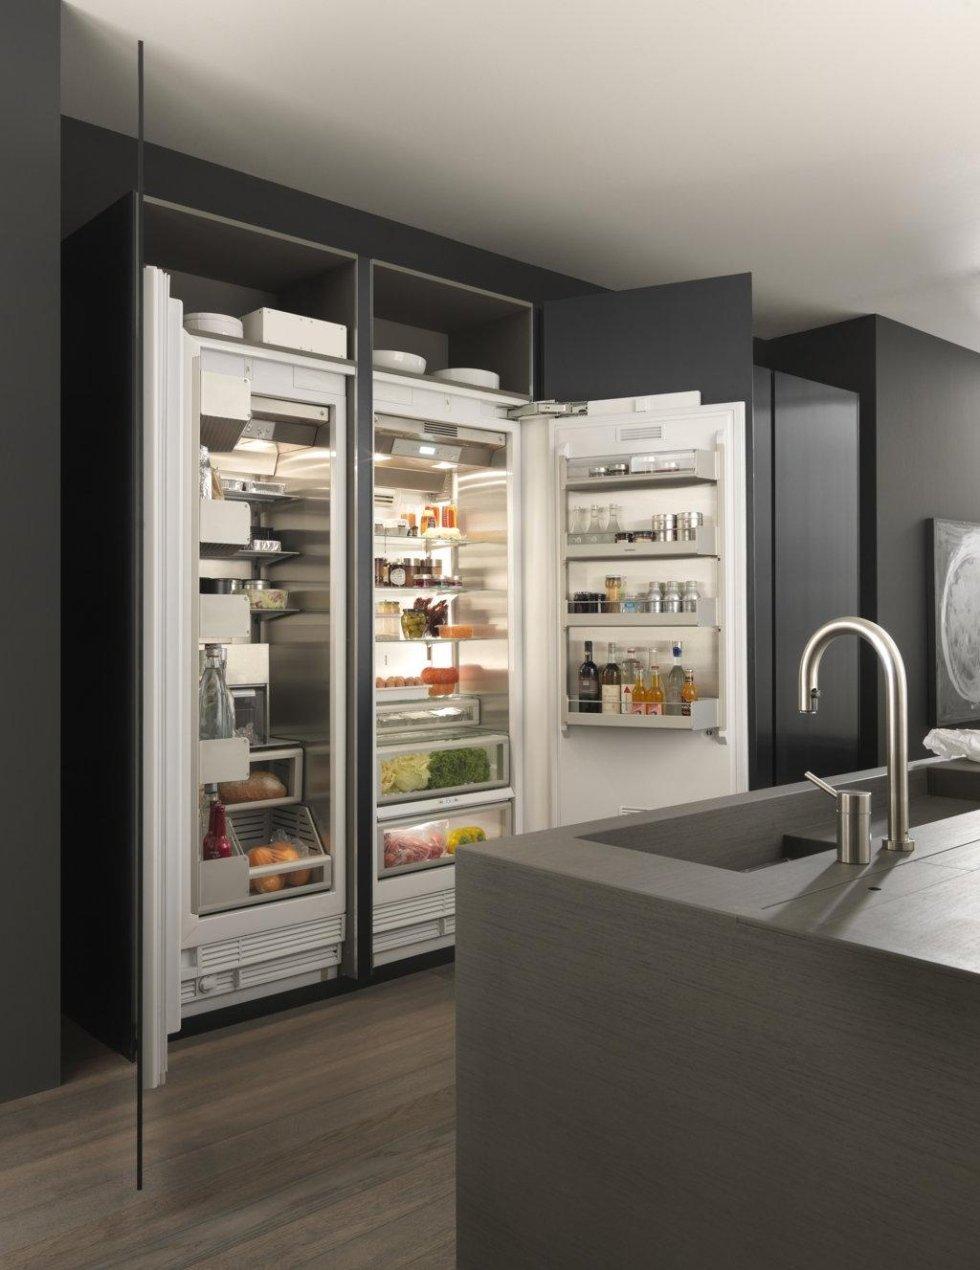 cucina penisola con frigorifero